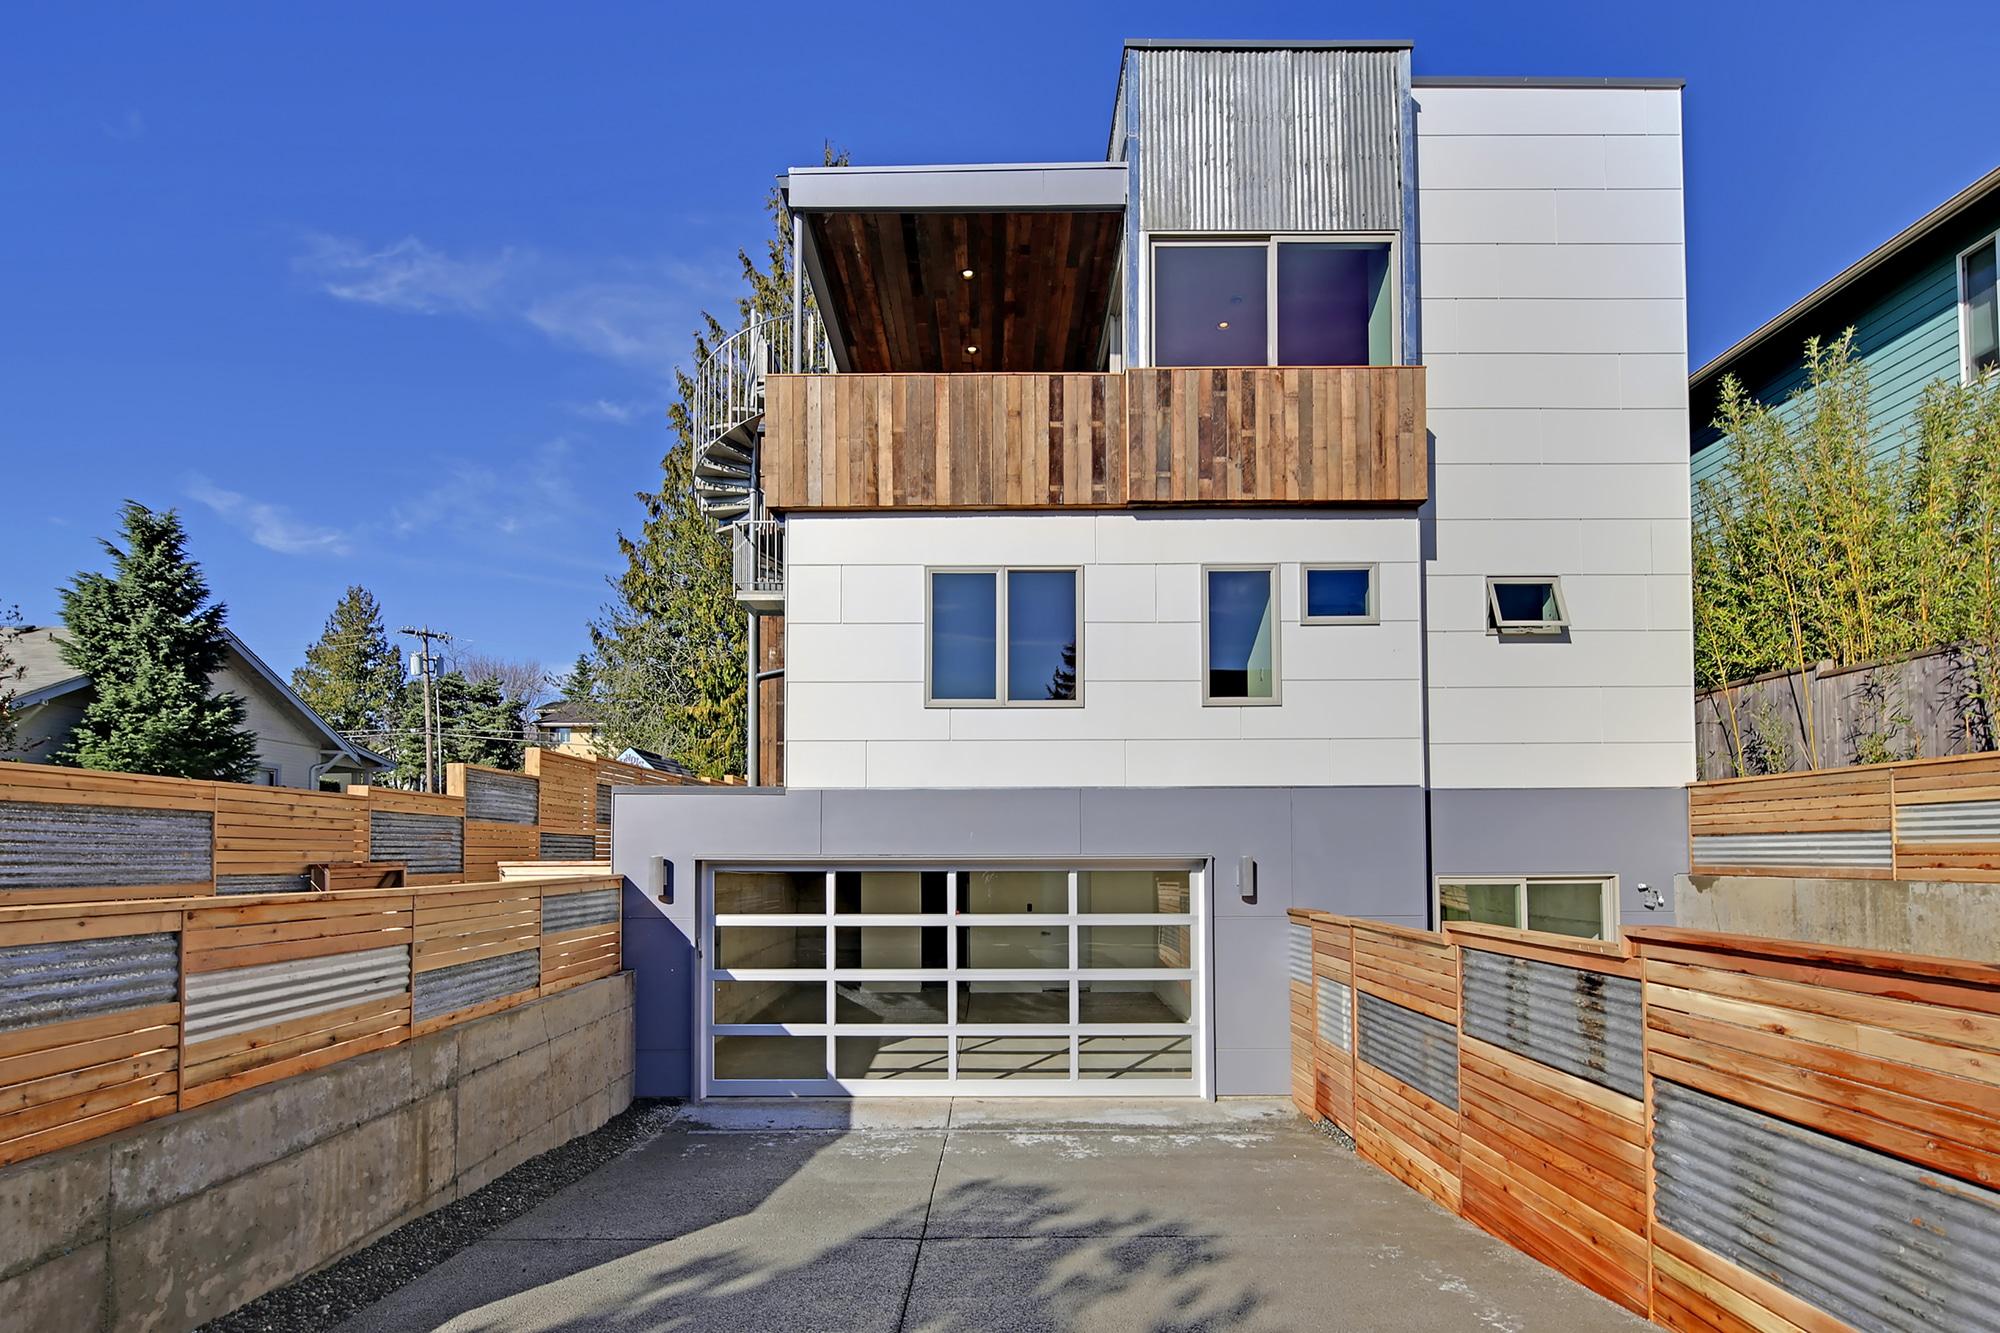 Dise o casa ecol gica autosuficiente planos for Fachadas de casas ultramodernas